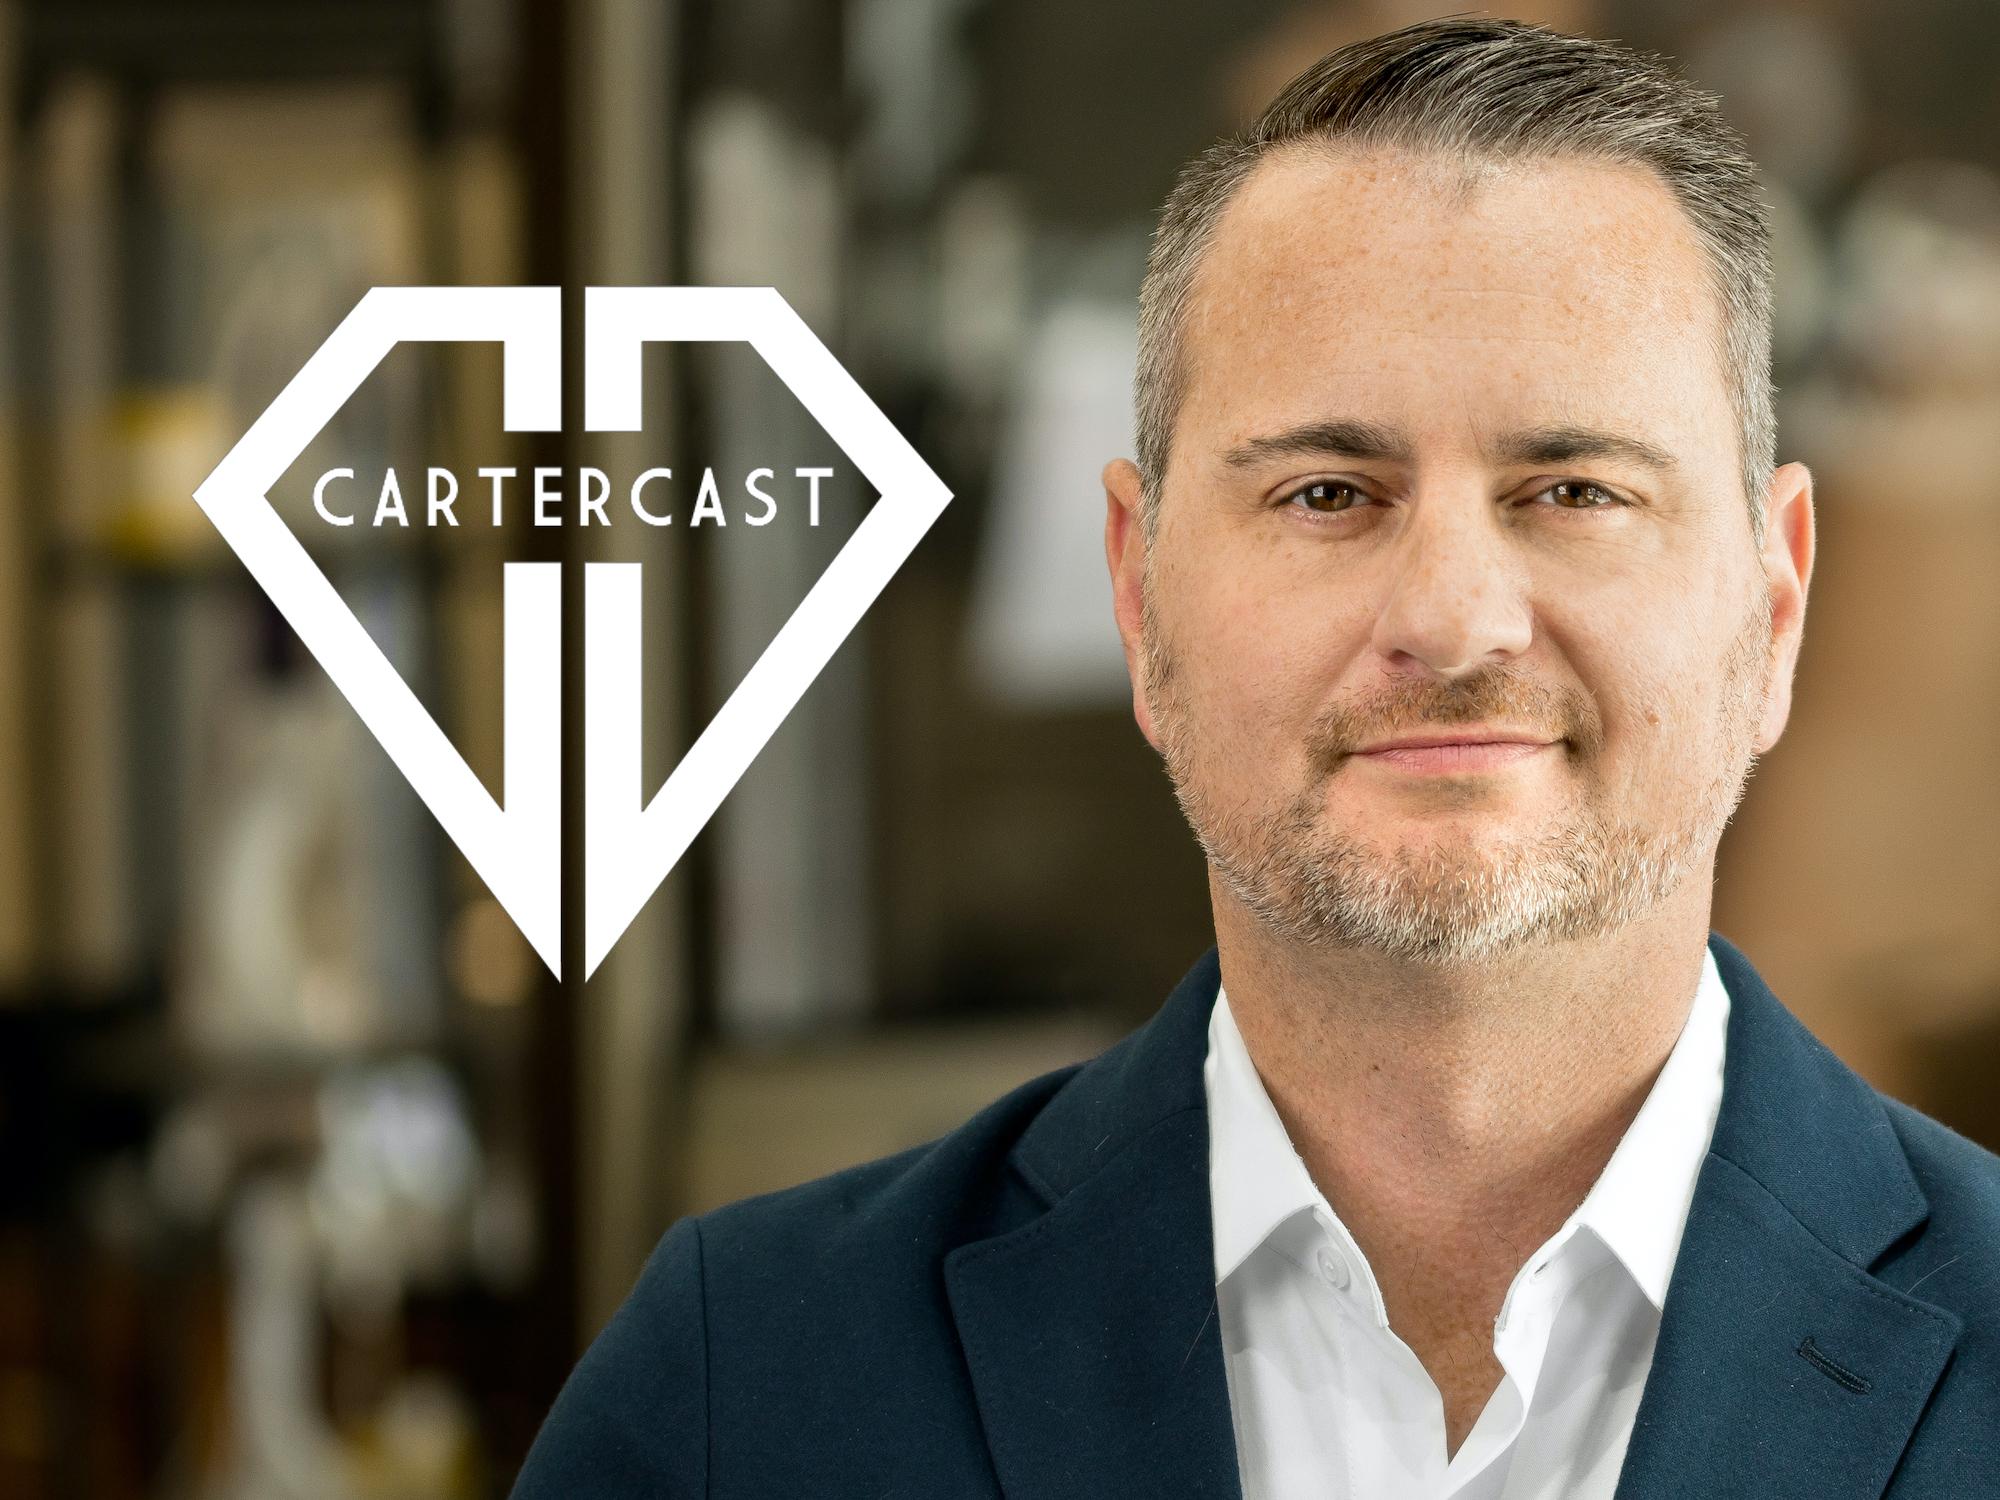 Headshot of CEO John Carter next to the CarterCast logo